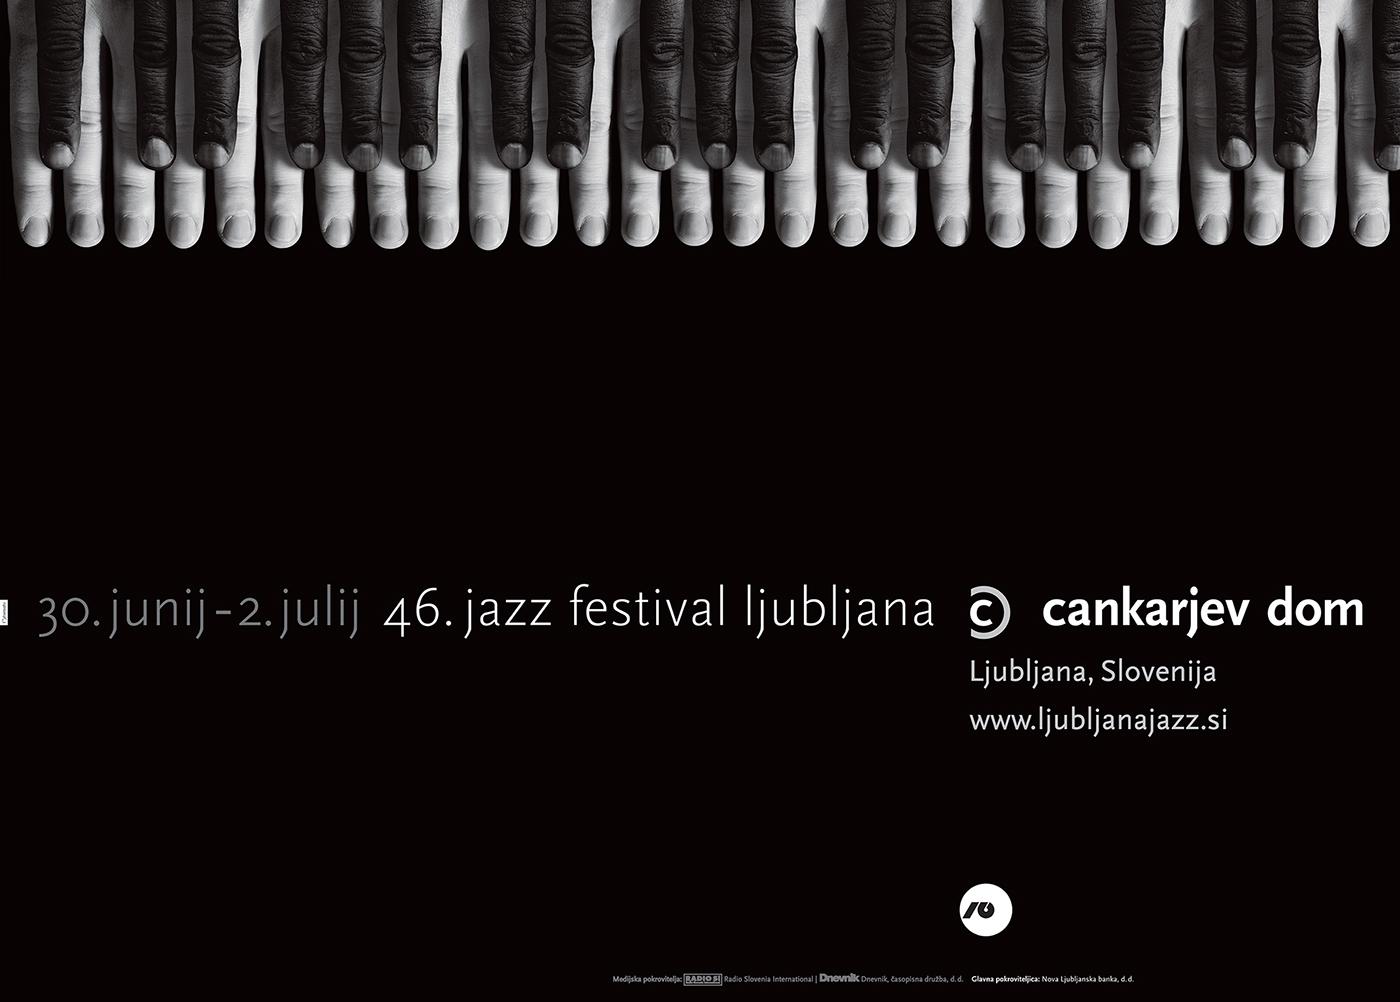 46. Jazz festival Ljubljana